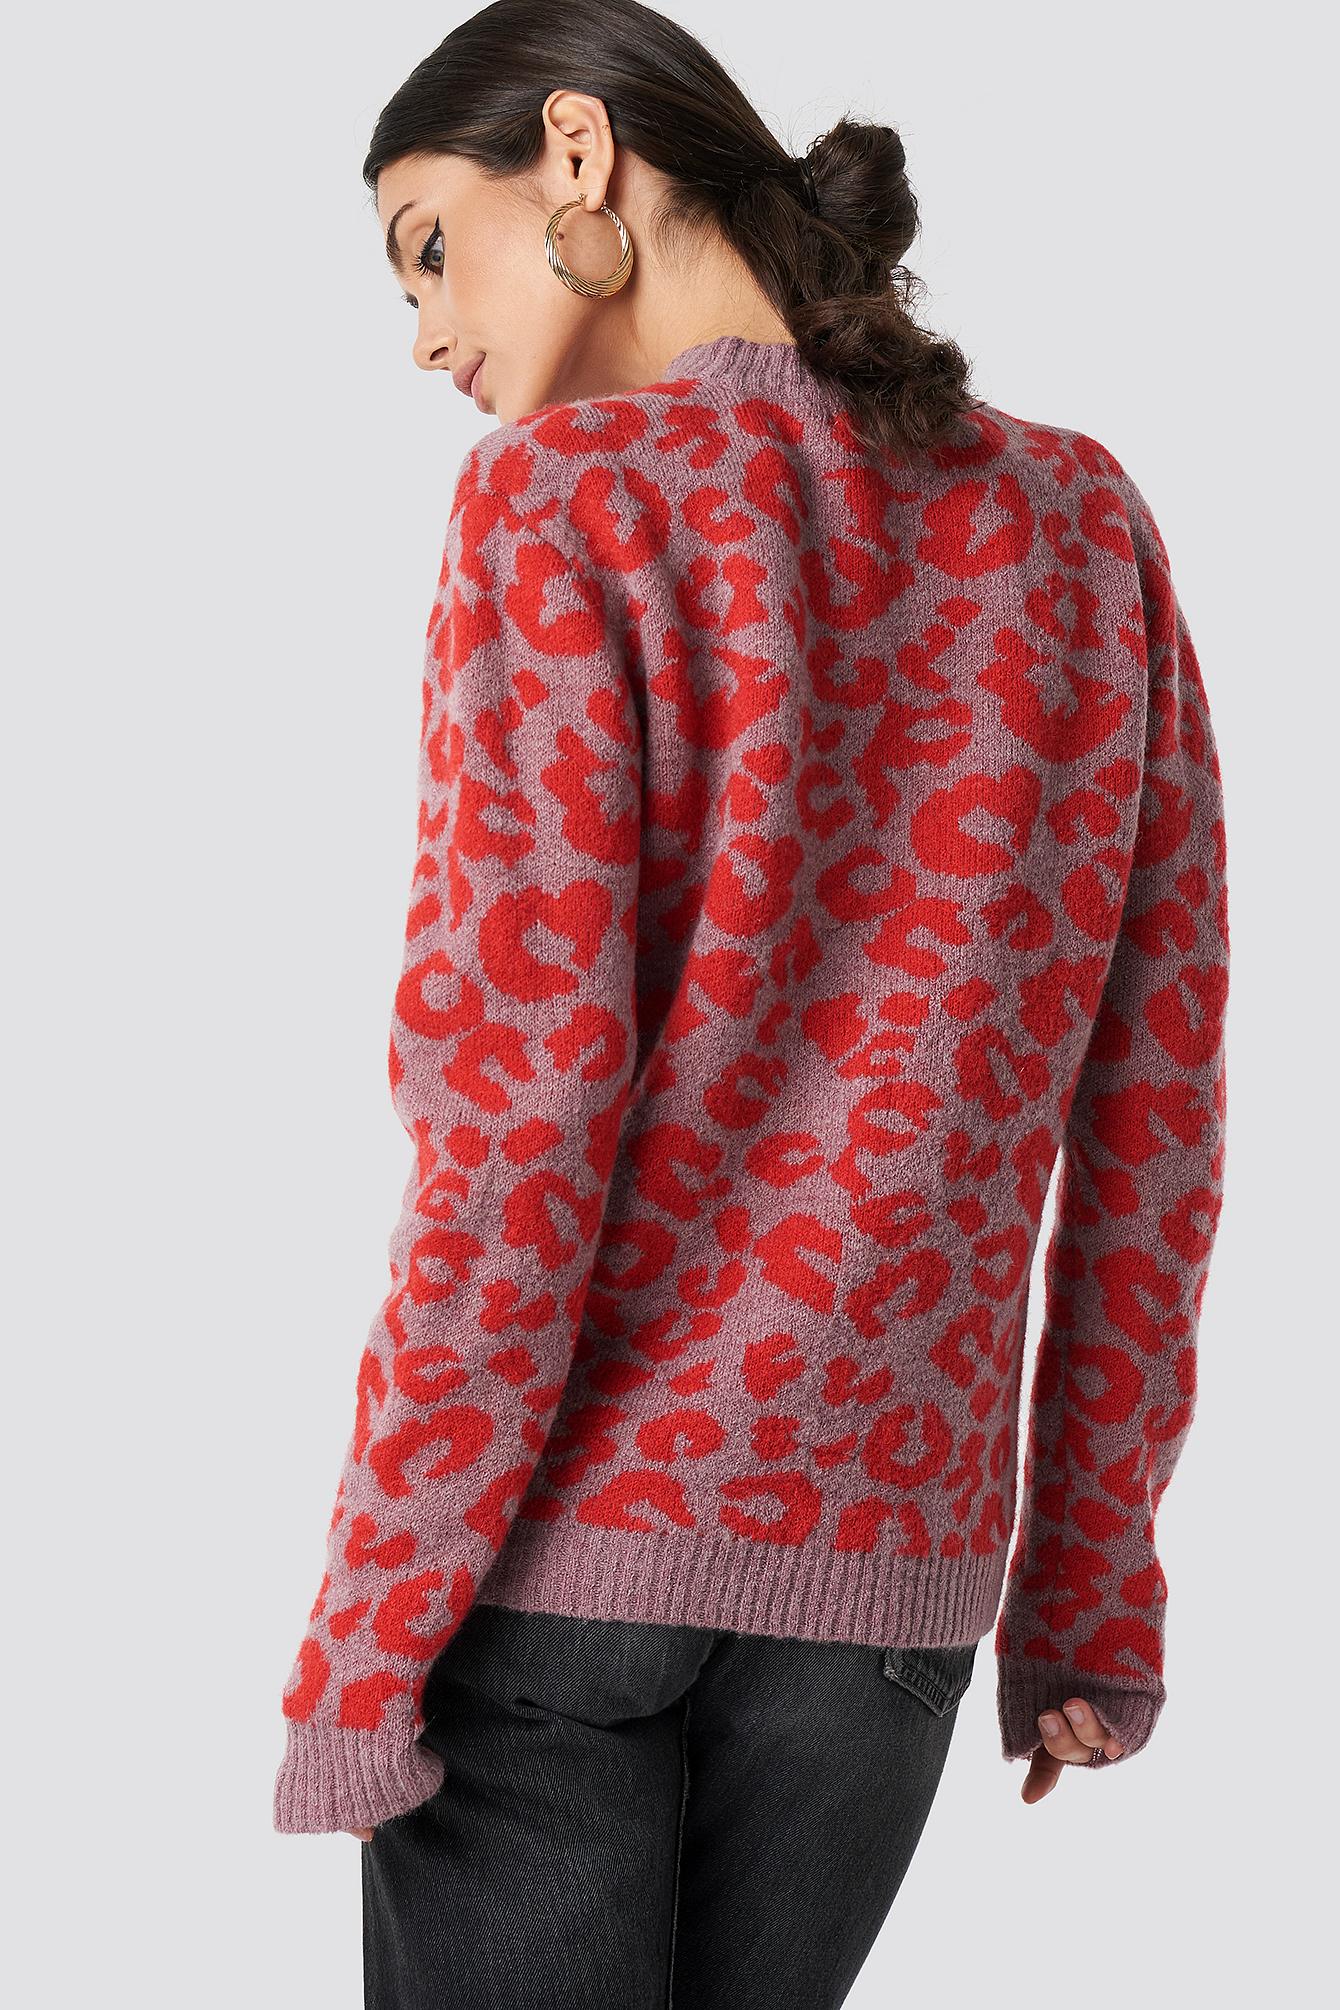 Animal Printed Leo Sweater NA-KD.COM